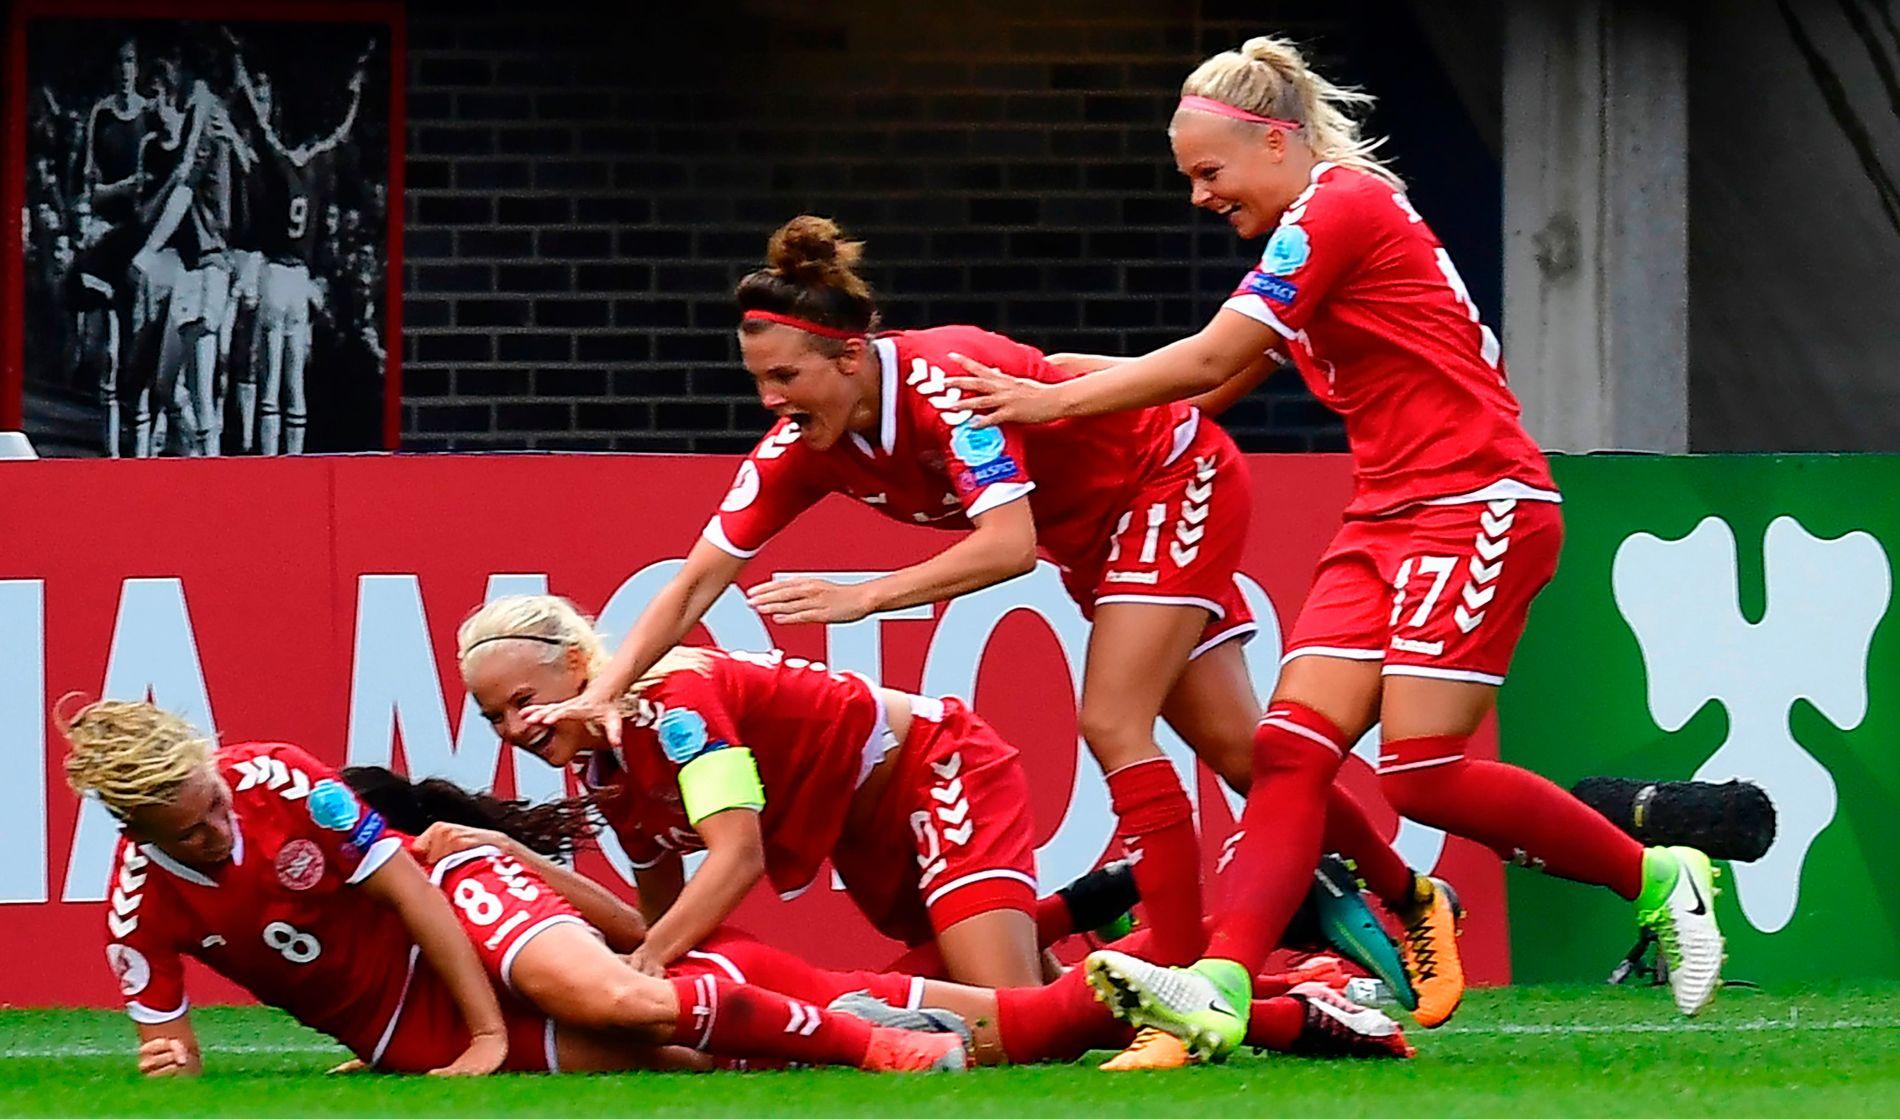 AVGJØRELSEN: Theresa Nielsen har avgjort og blir gratulert av de andre danske jentene. EM-sensasjonen er et faktum: tittelforsvarer Tyskland er ute.